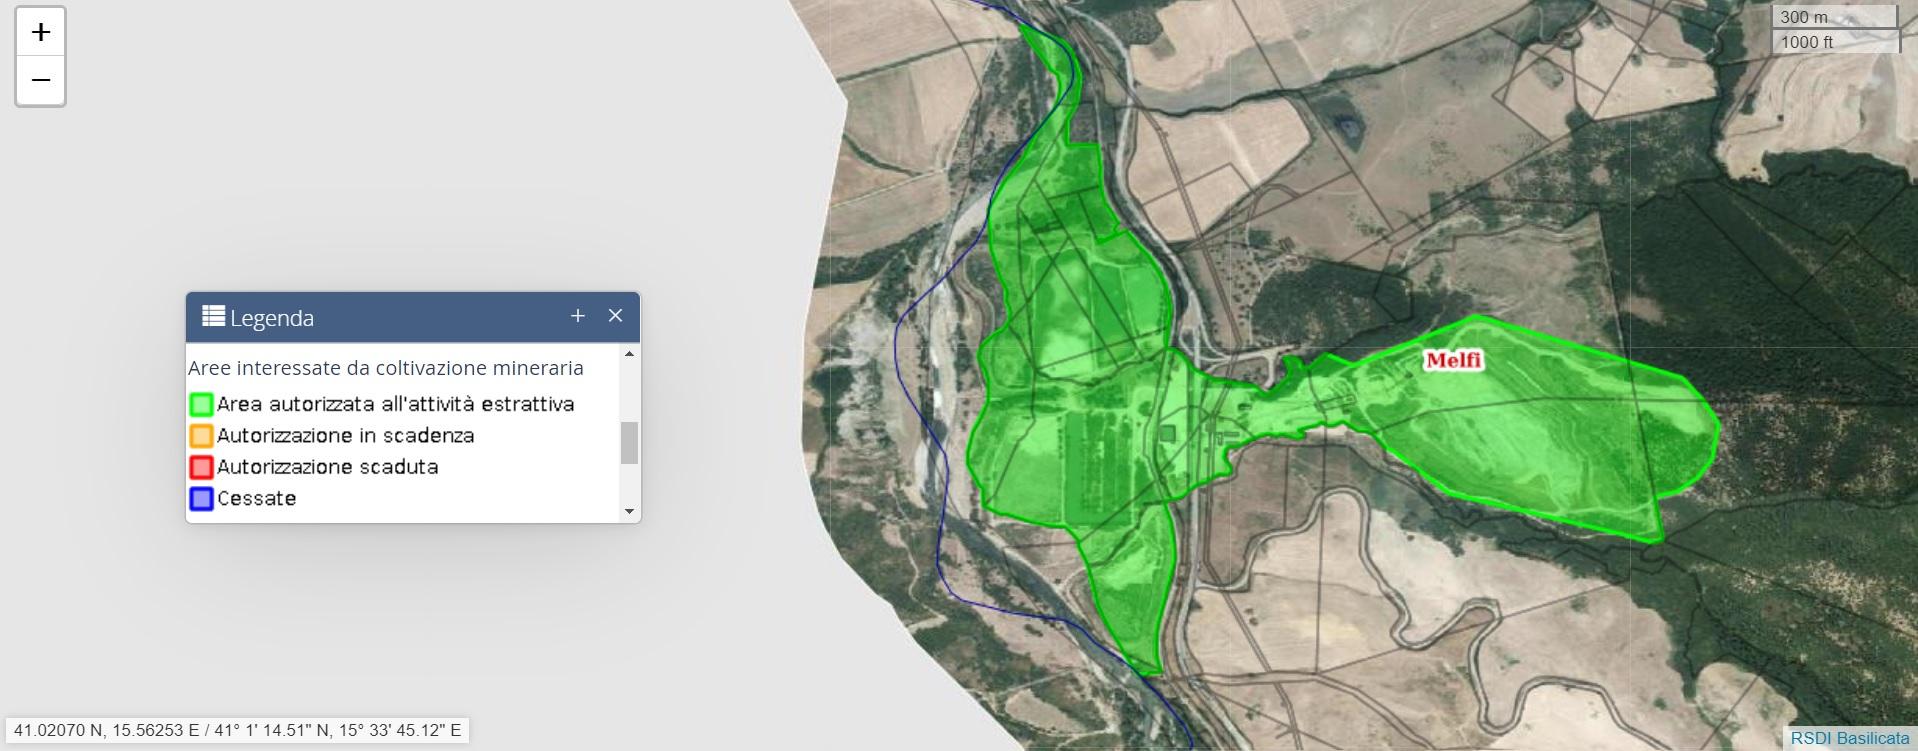 SIT CAVE – Aree interessate da coltivazione mineraria